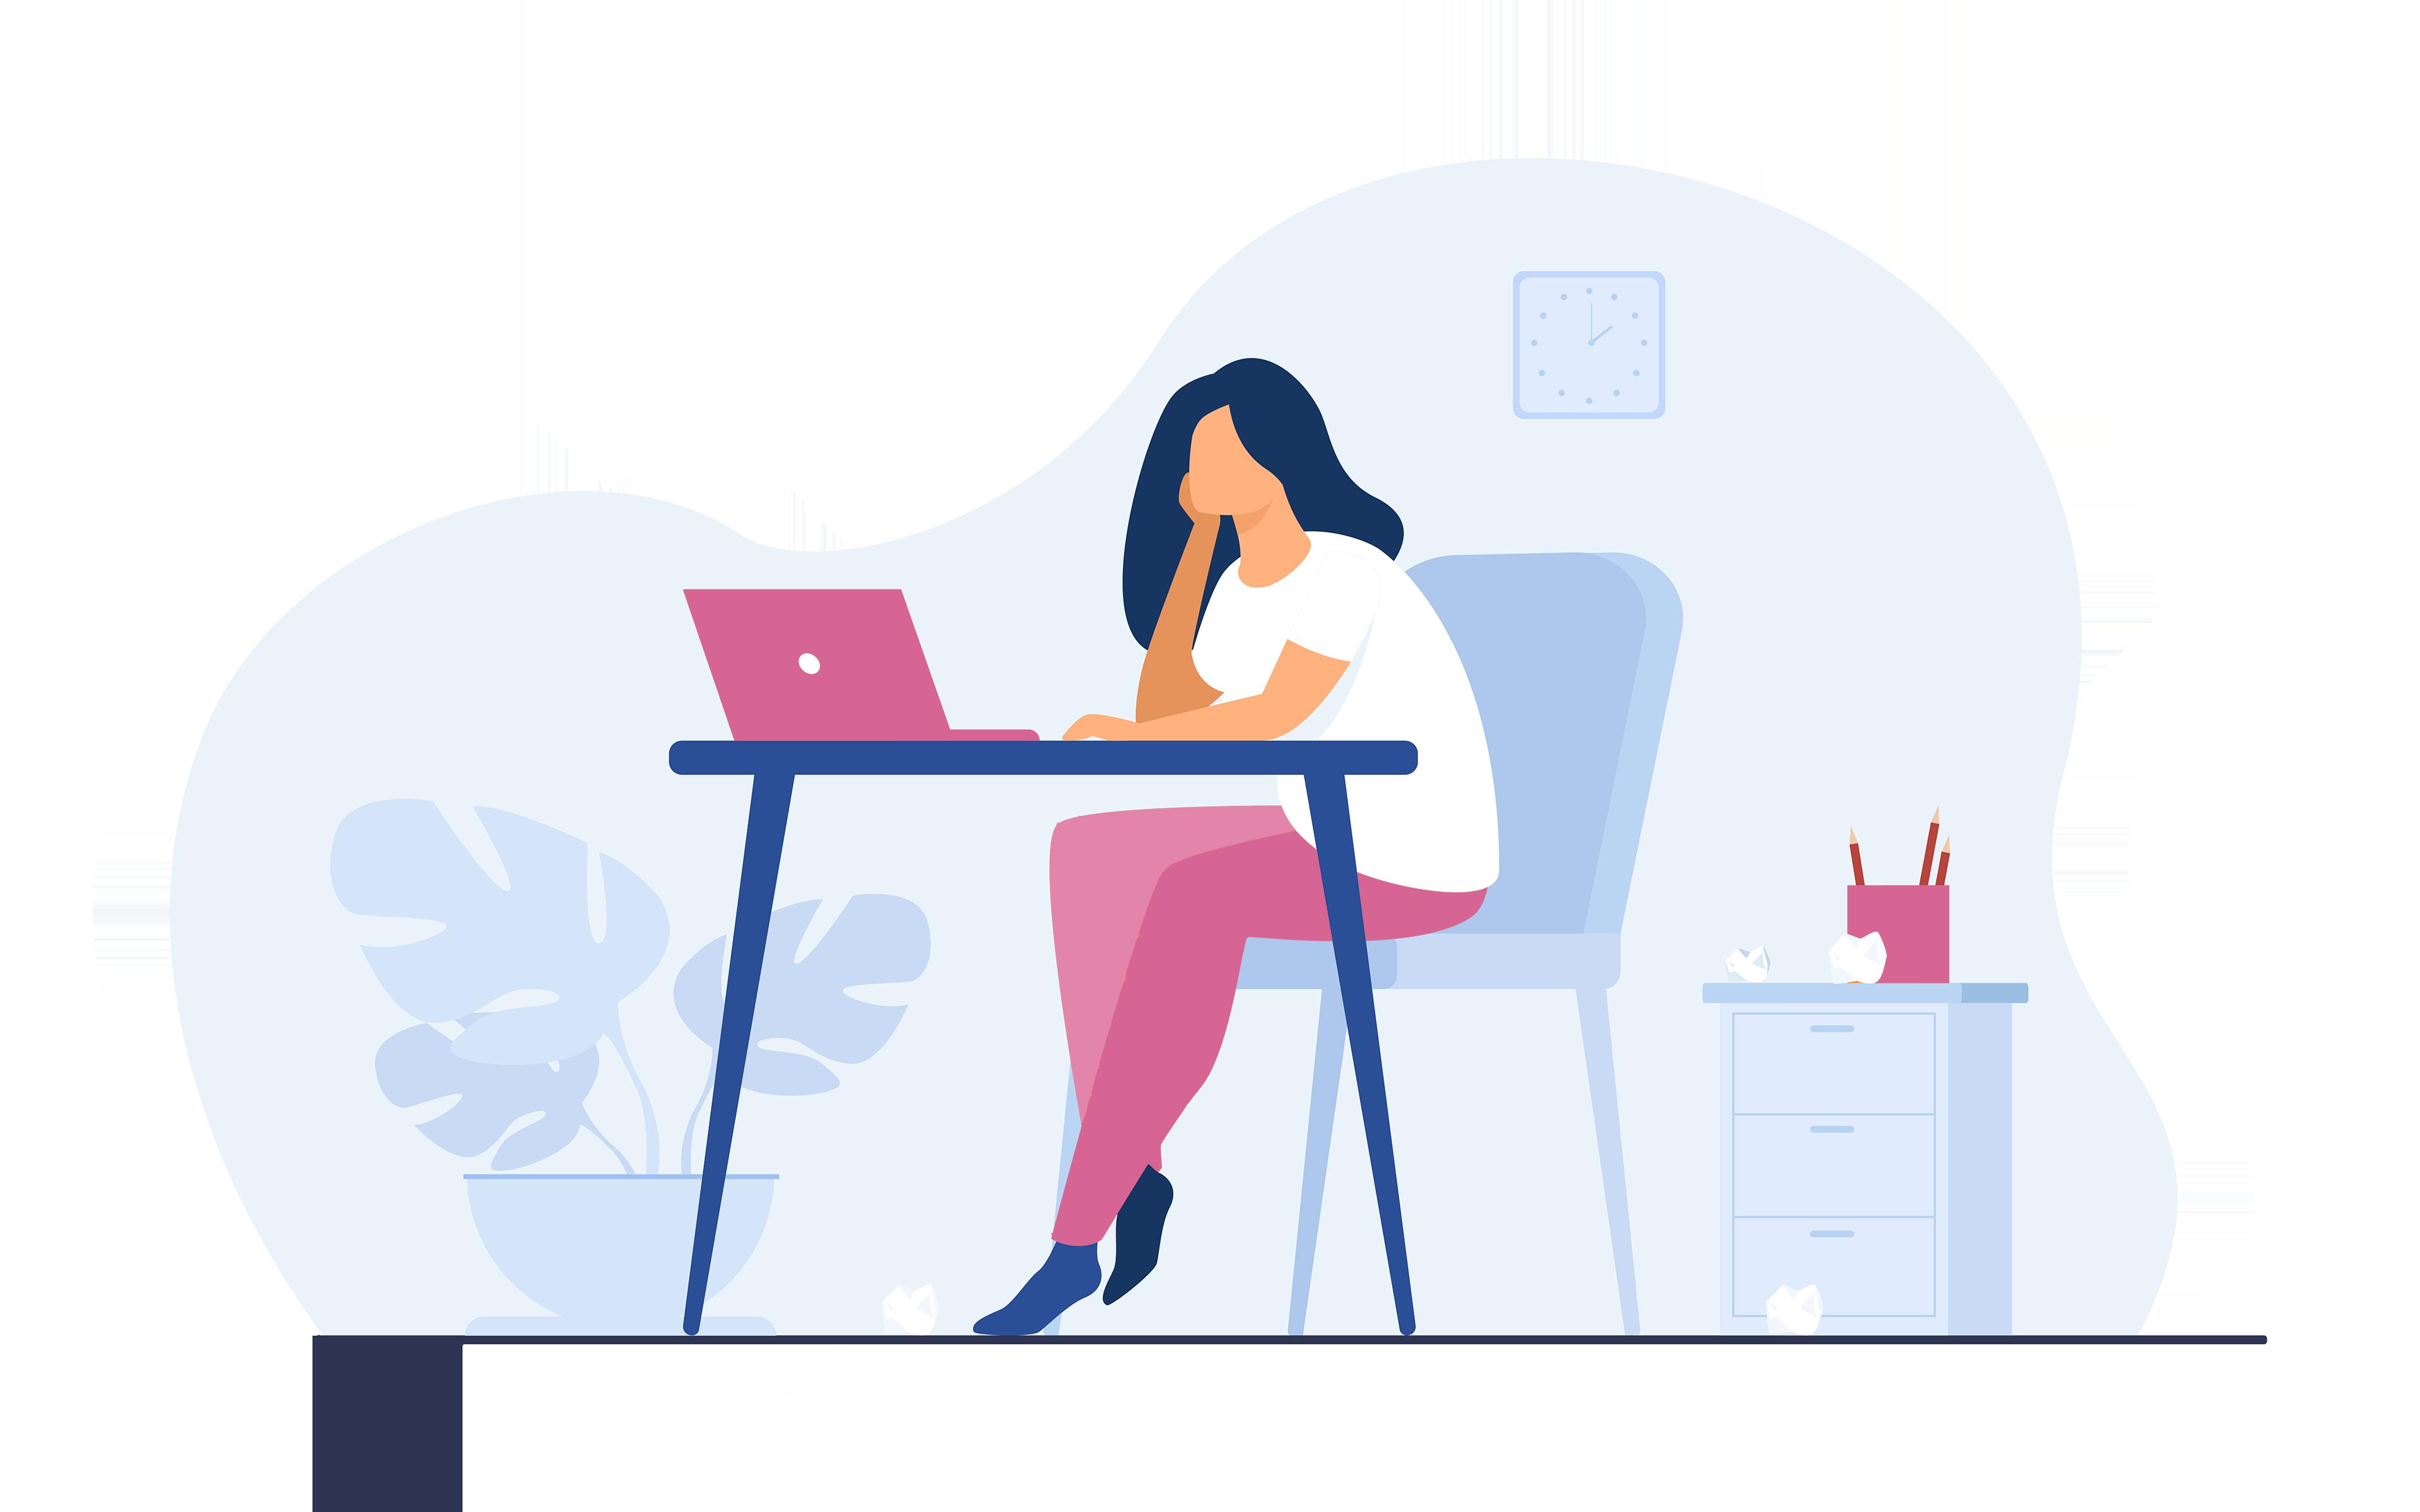 app-marketing-illustration-03